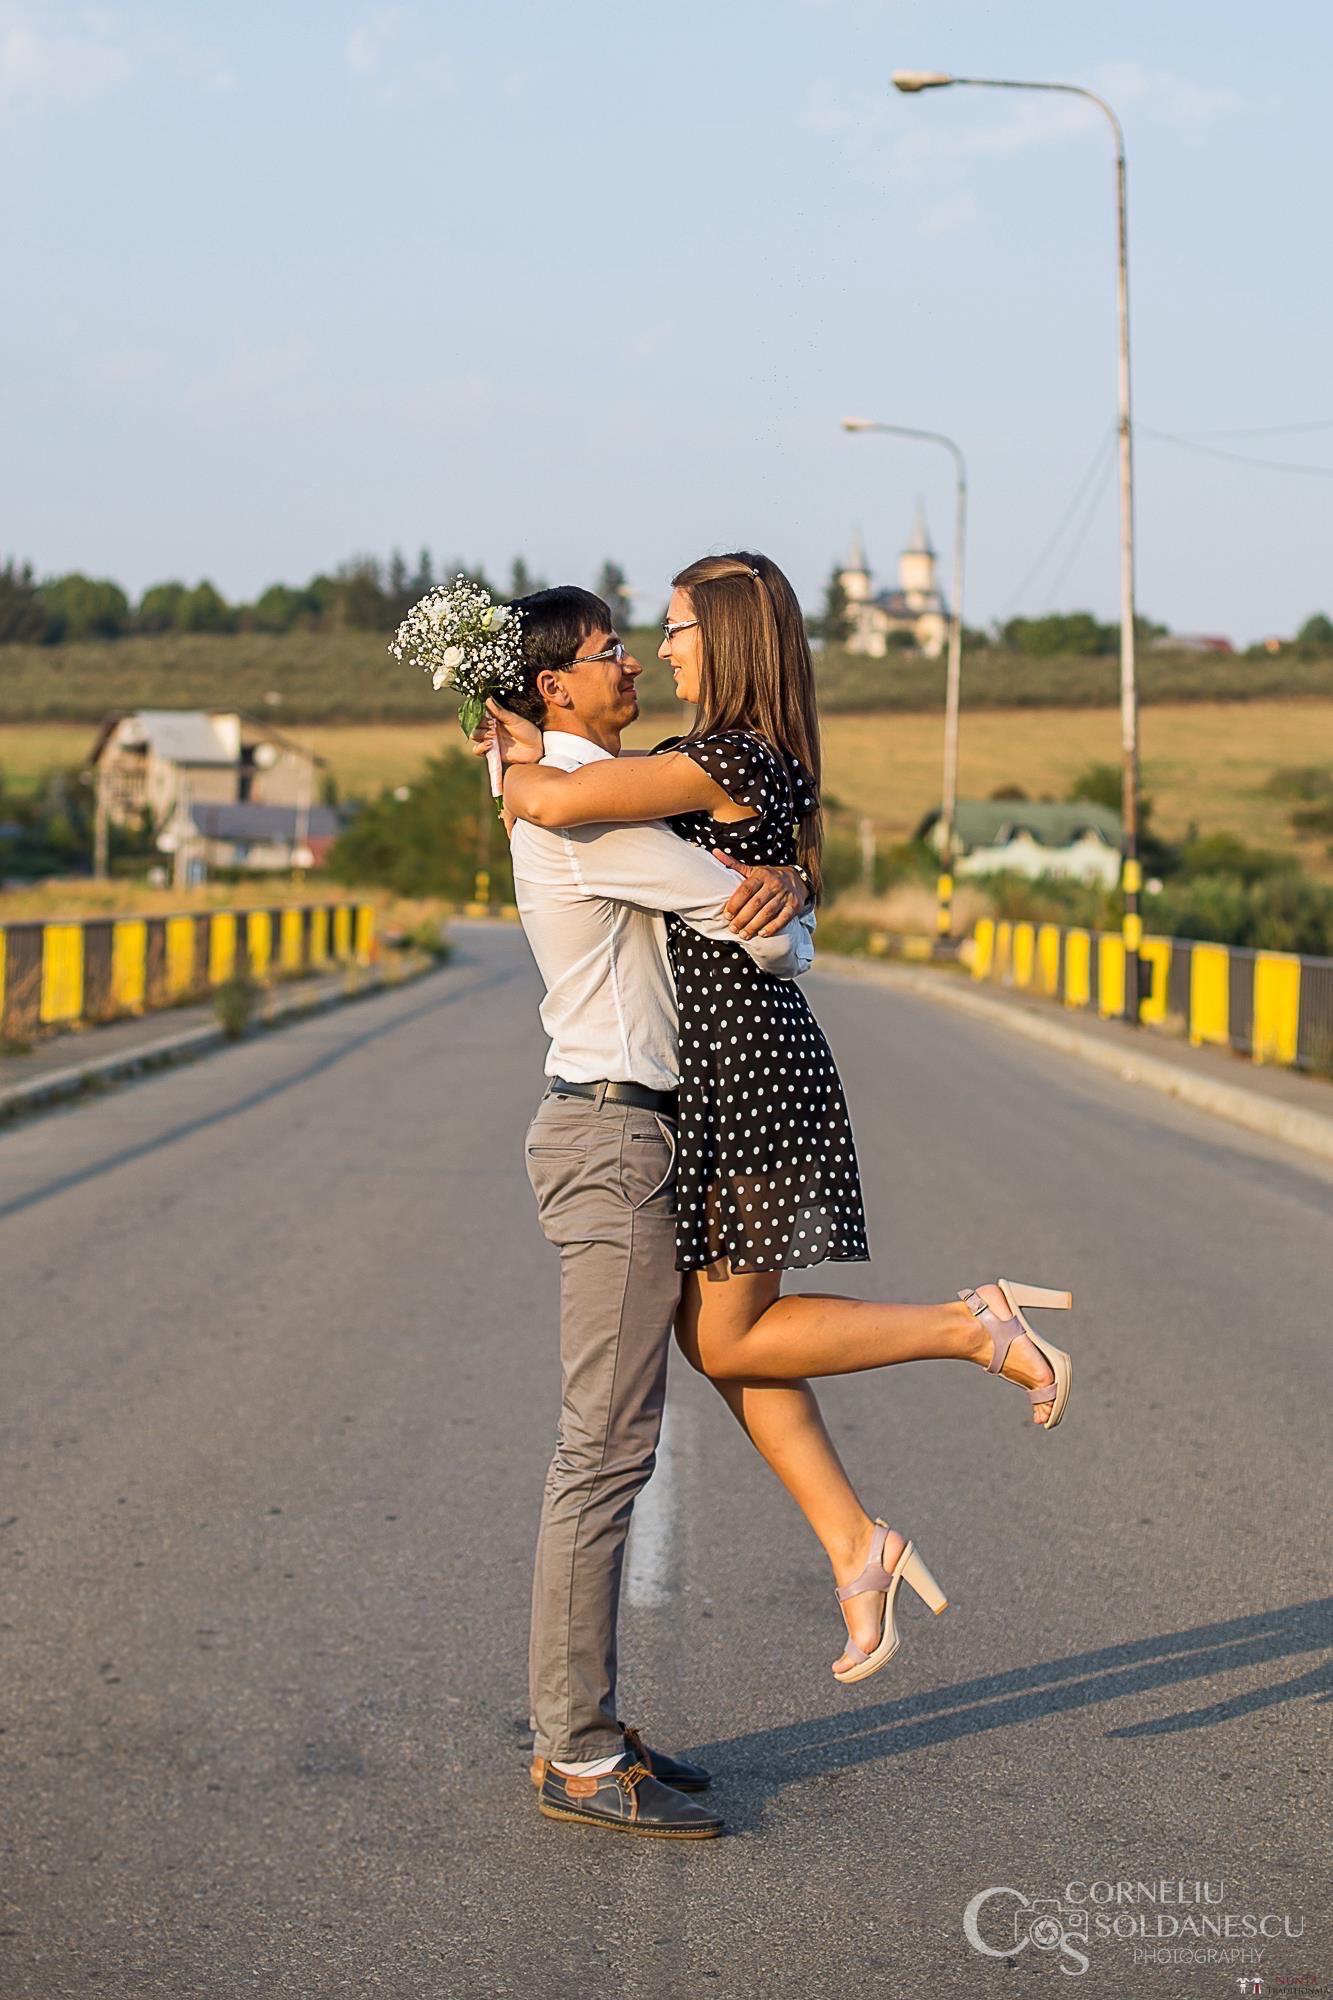 Povești Nunți Tradiționale - Ioana-Alexandra și Bogdan-Vasile. Nuntă tradițională în Fălticeni 24